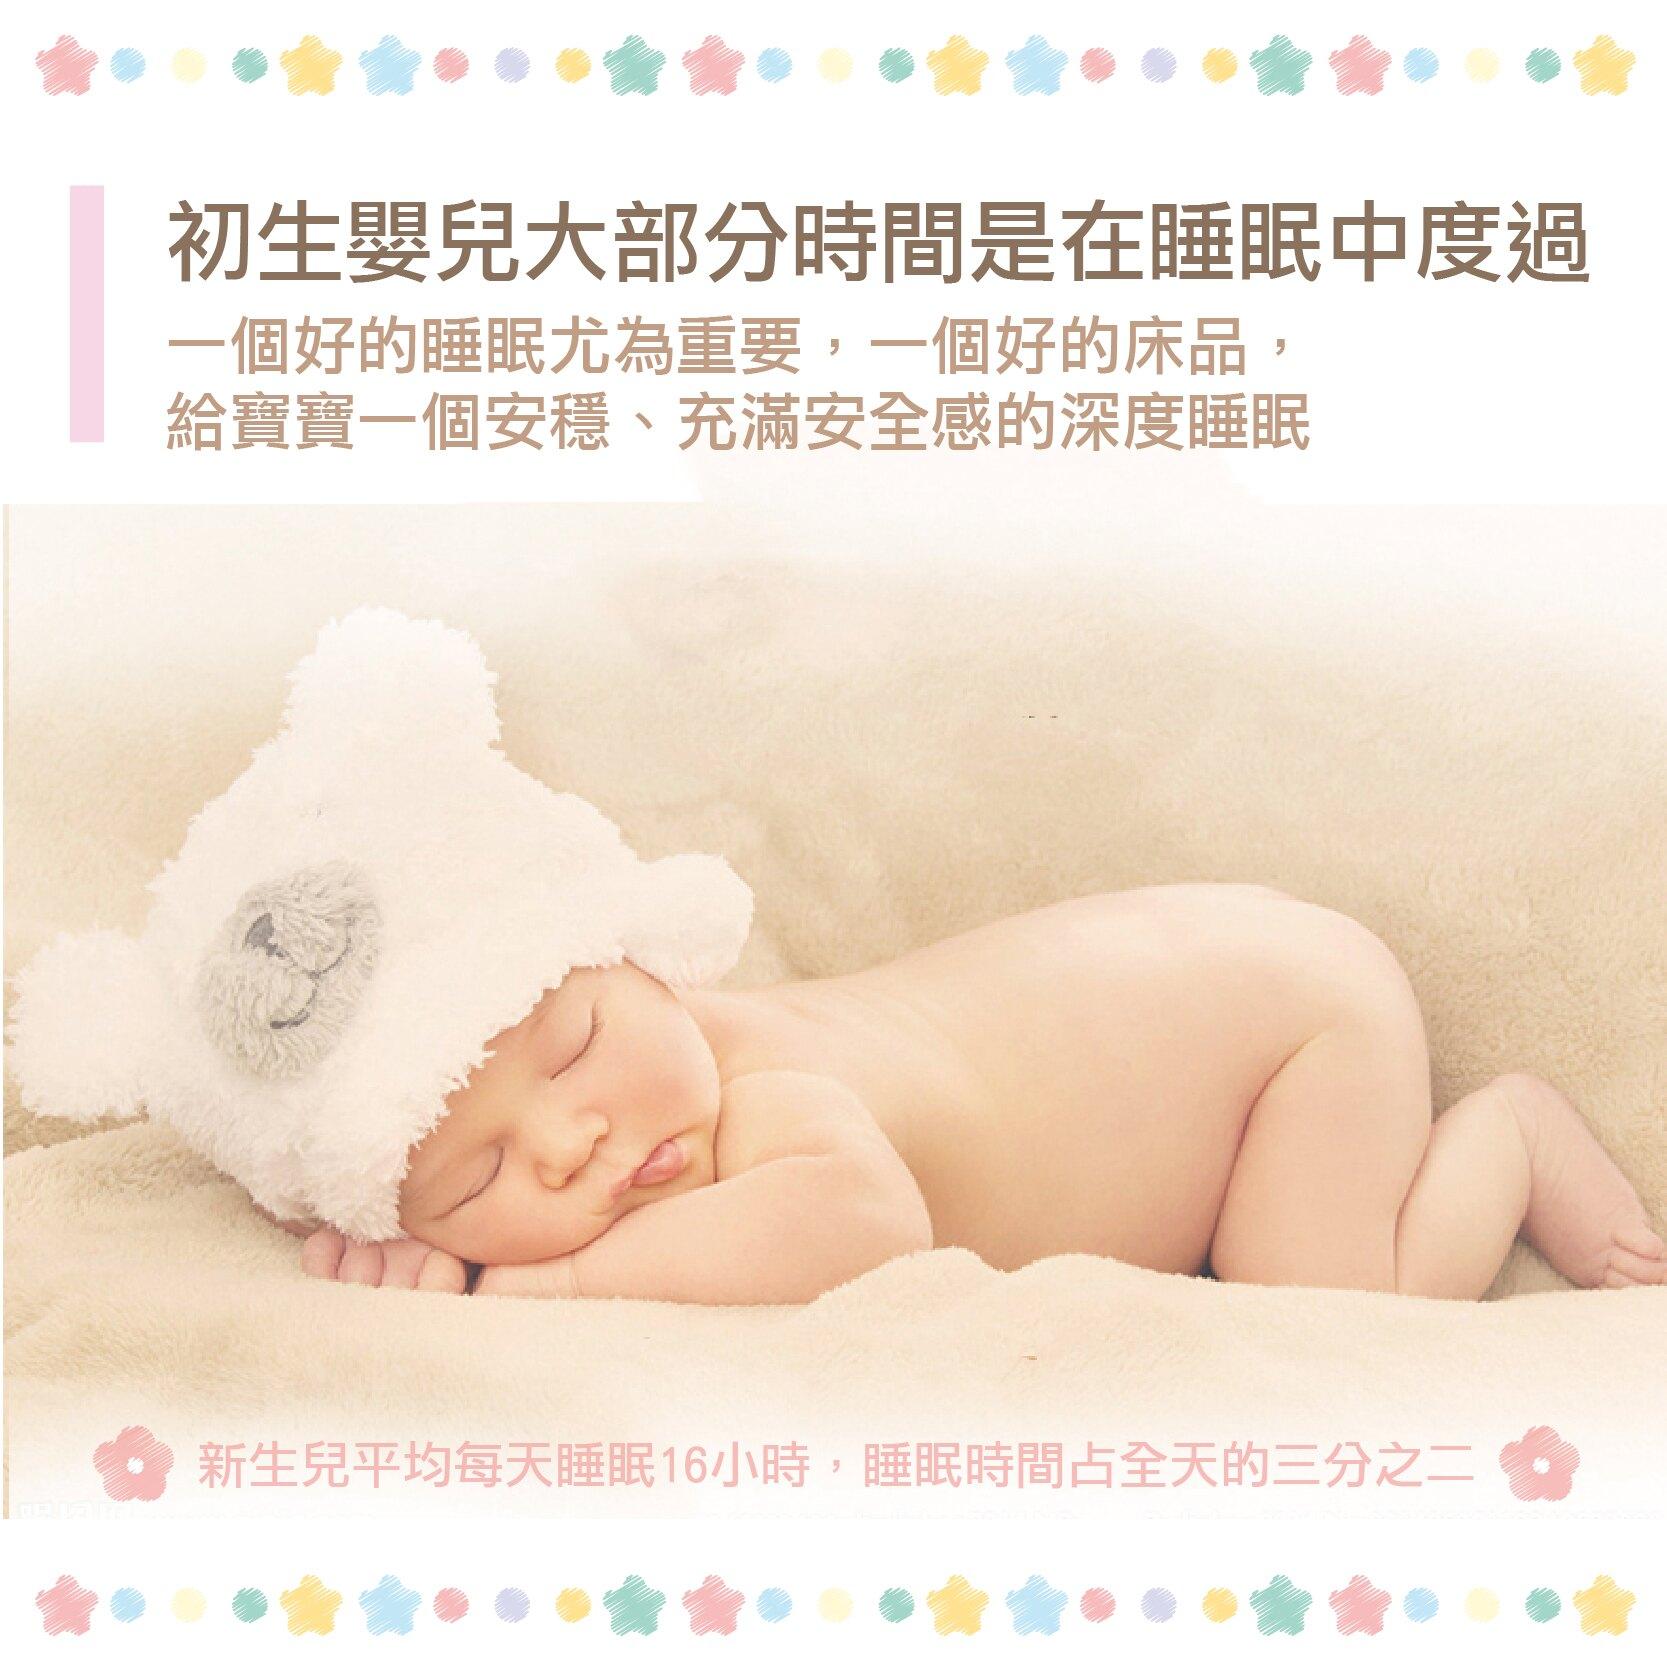 兒童棉被/兒童睡袋   純棉精緻童趣四季通用棉被(可變睡袋款)-雙11購物節